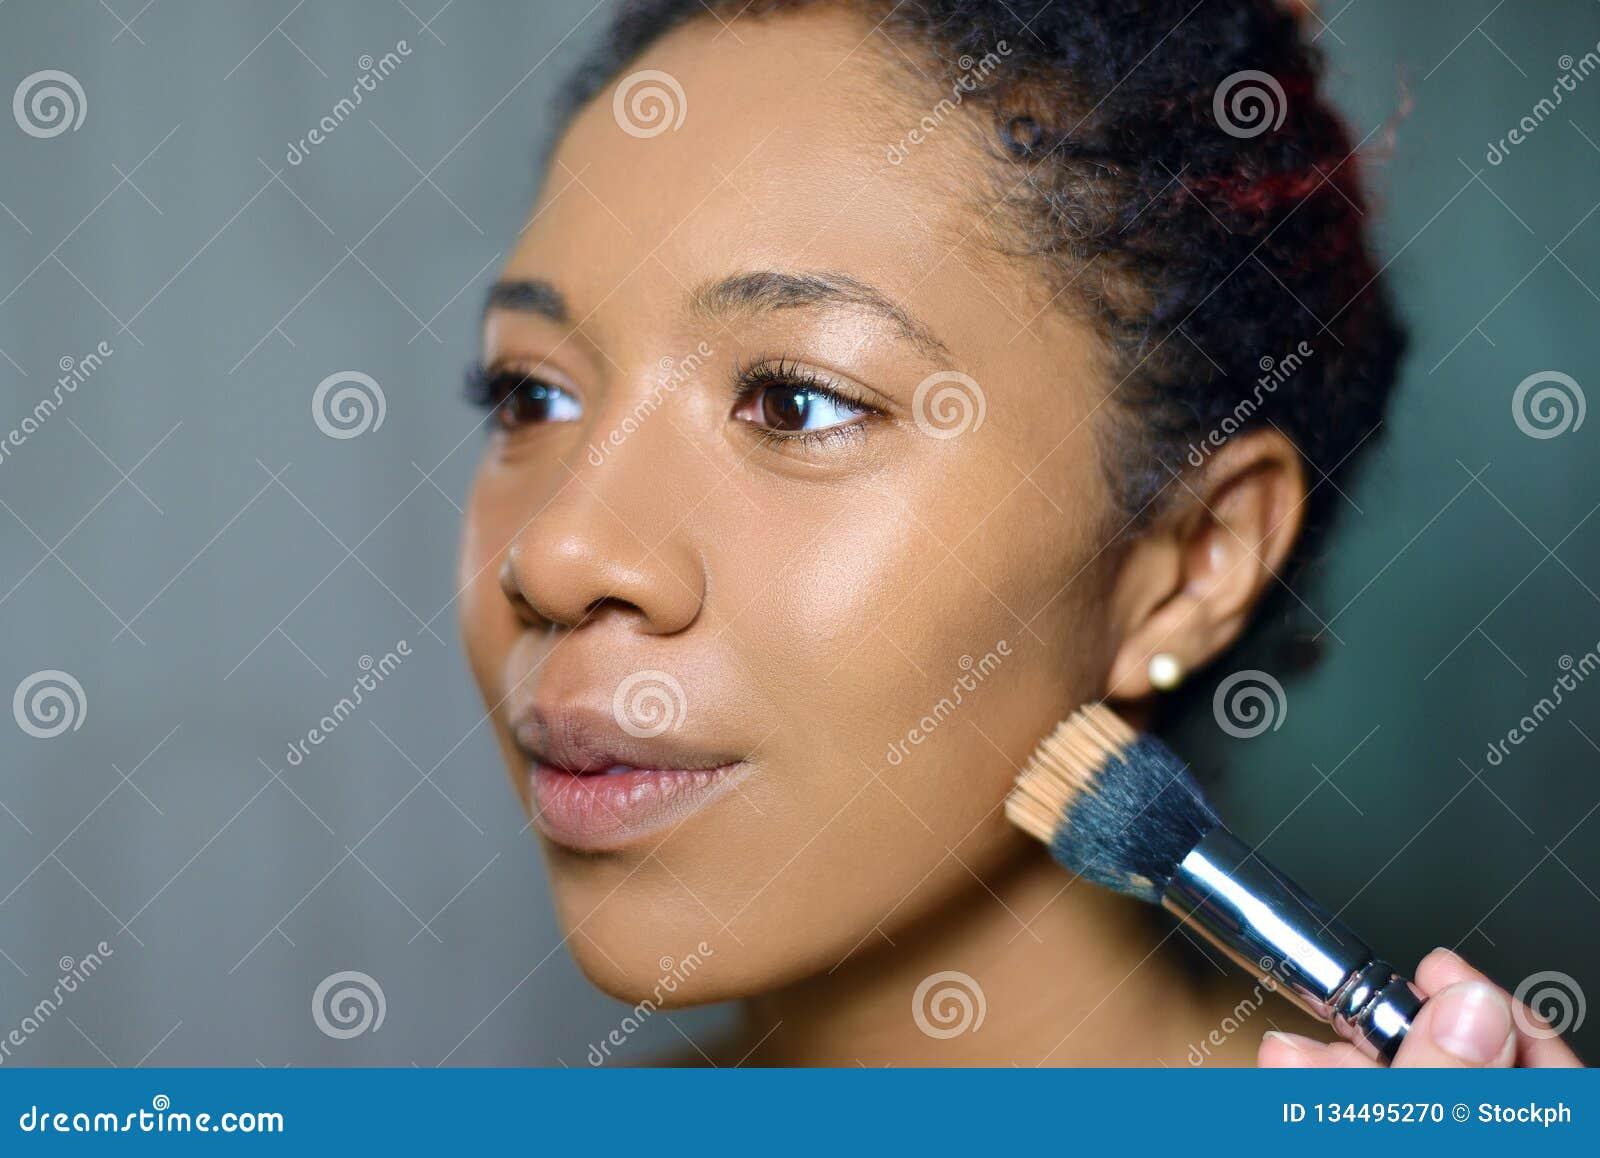 Портрет милой девушки с красивым макияжем мастер делает выражение лица с щеткой